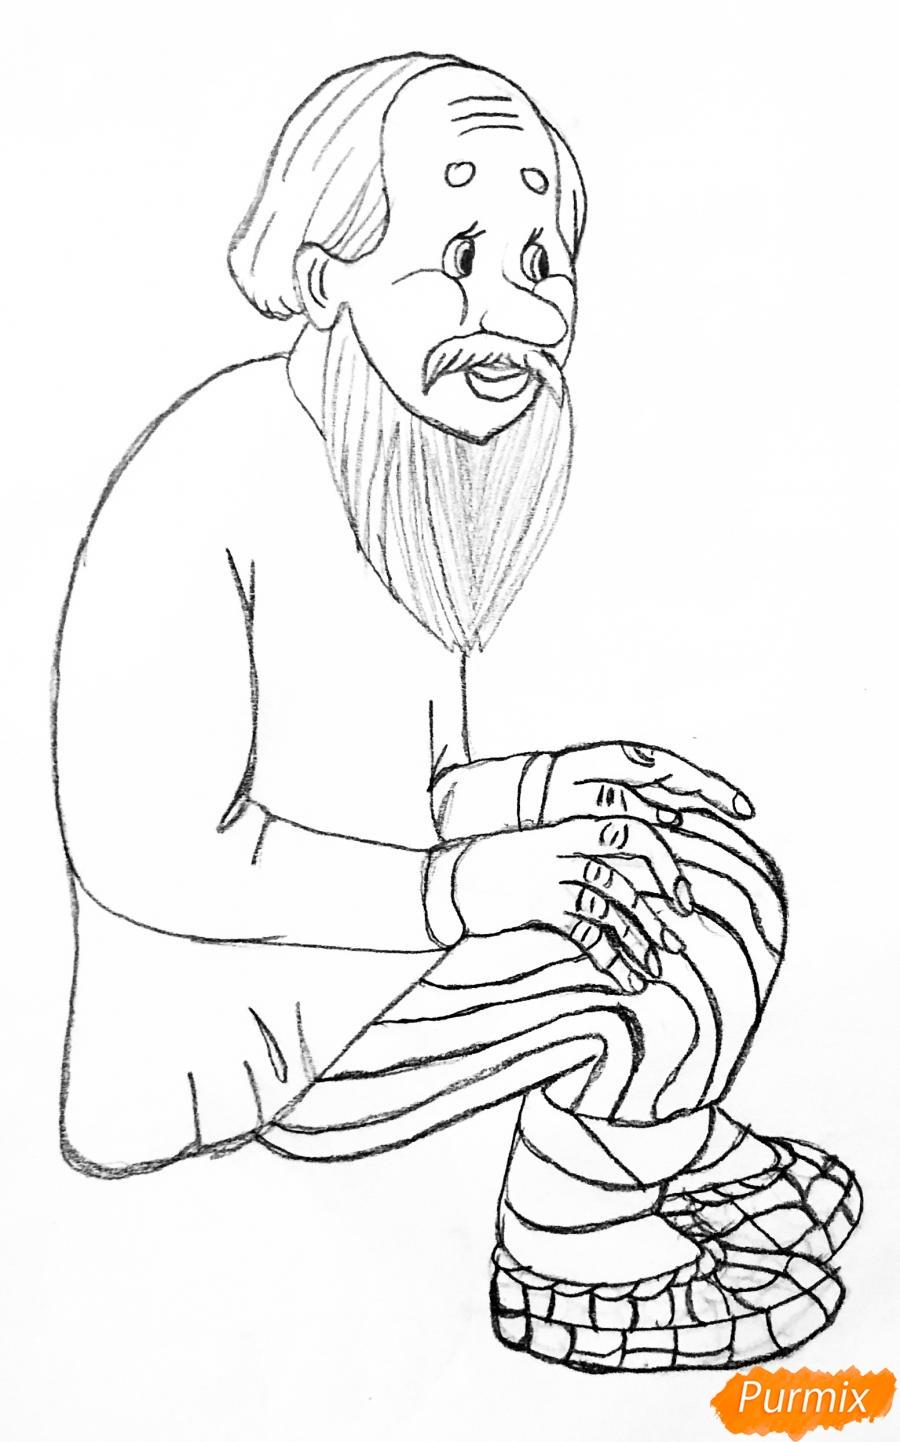 Рисуем деда бабку и колобка из сказки цветными карандашами - шаг 3